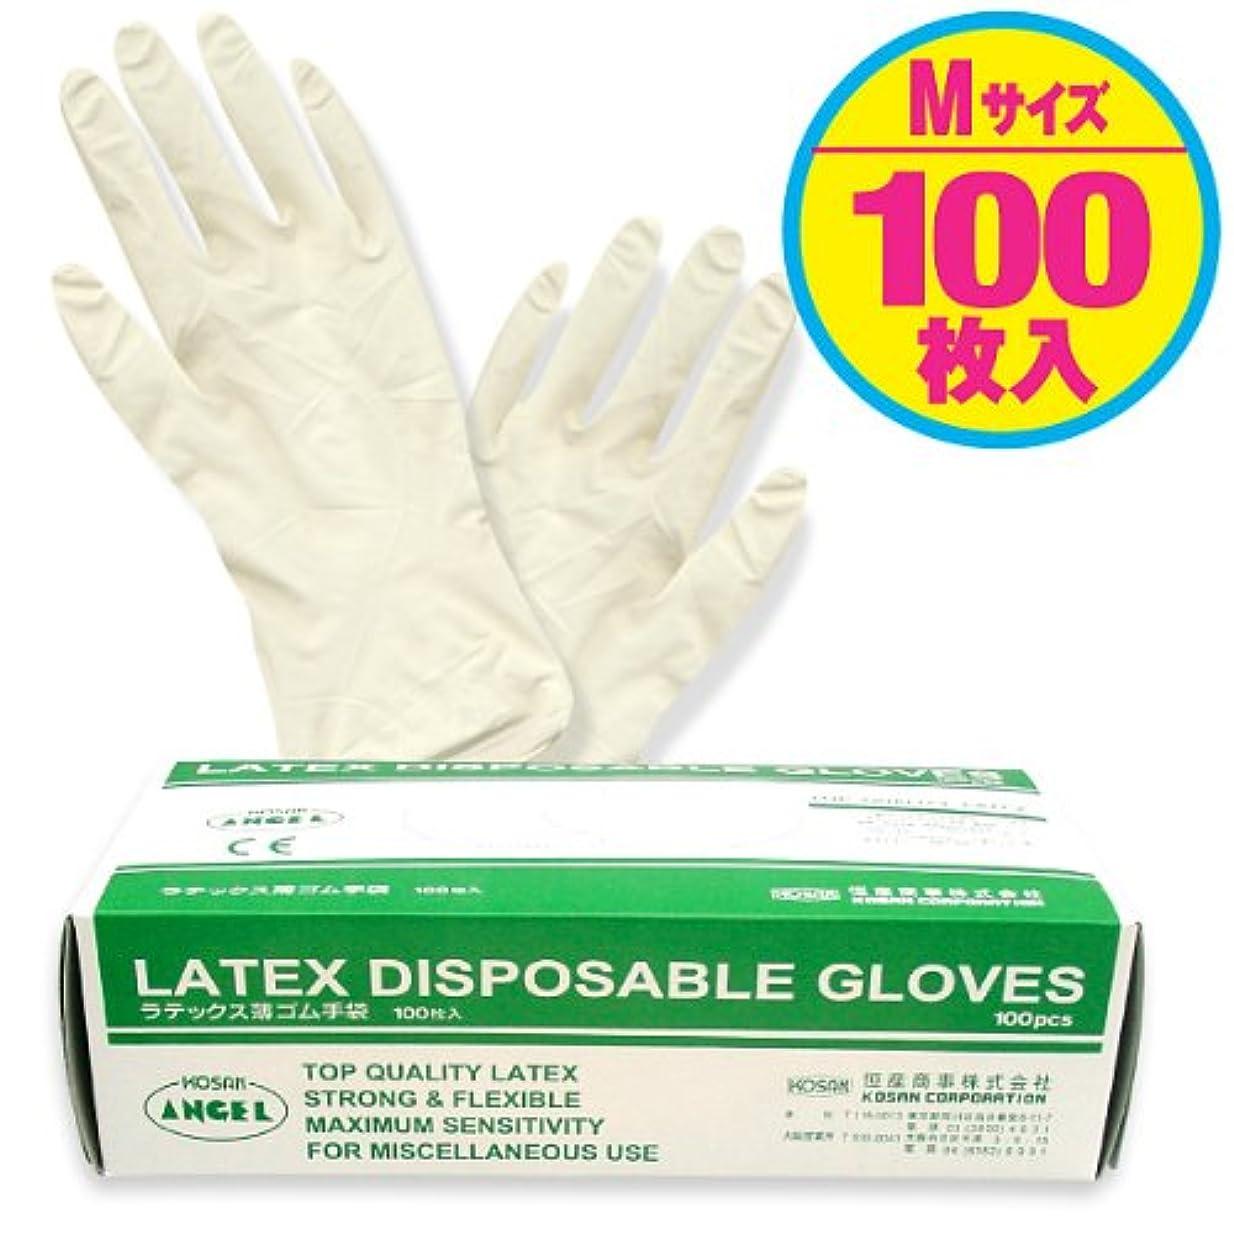 比較暫定の軸使い捨て【ラテックス手袋/Mサイズ 】 高伸縮性?天然ゴム手袋/パウダーイン 《高品質?医療機関でも使用》